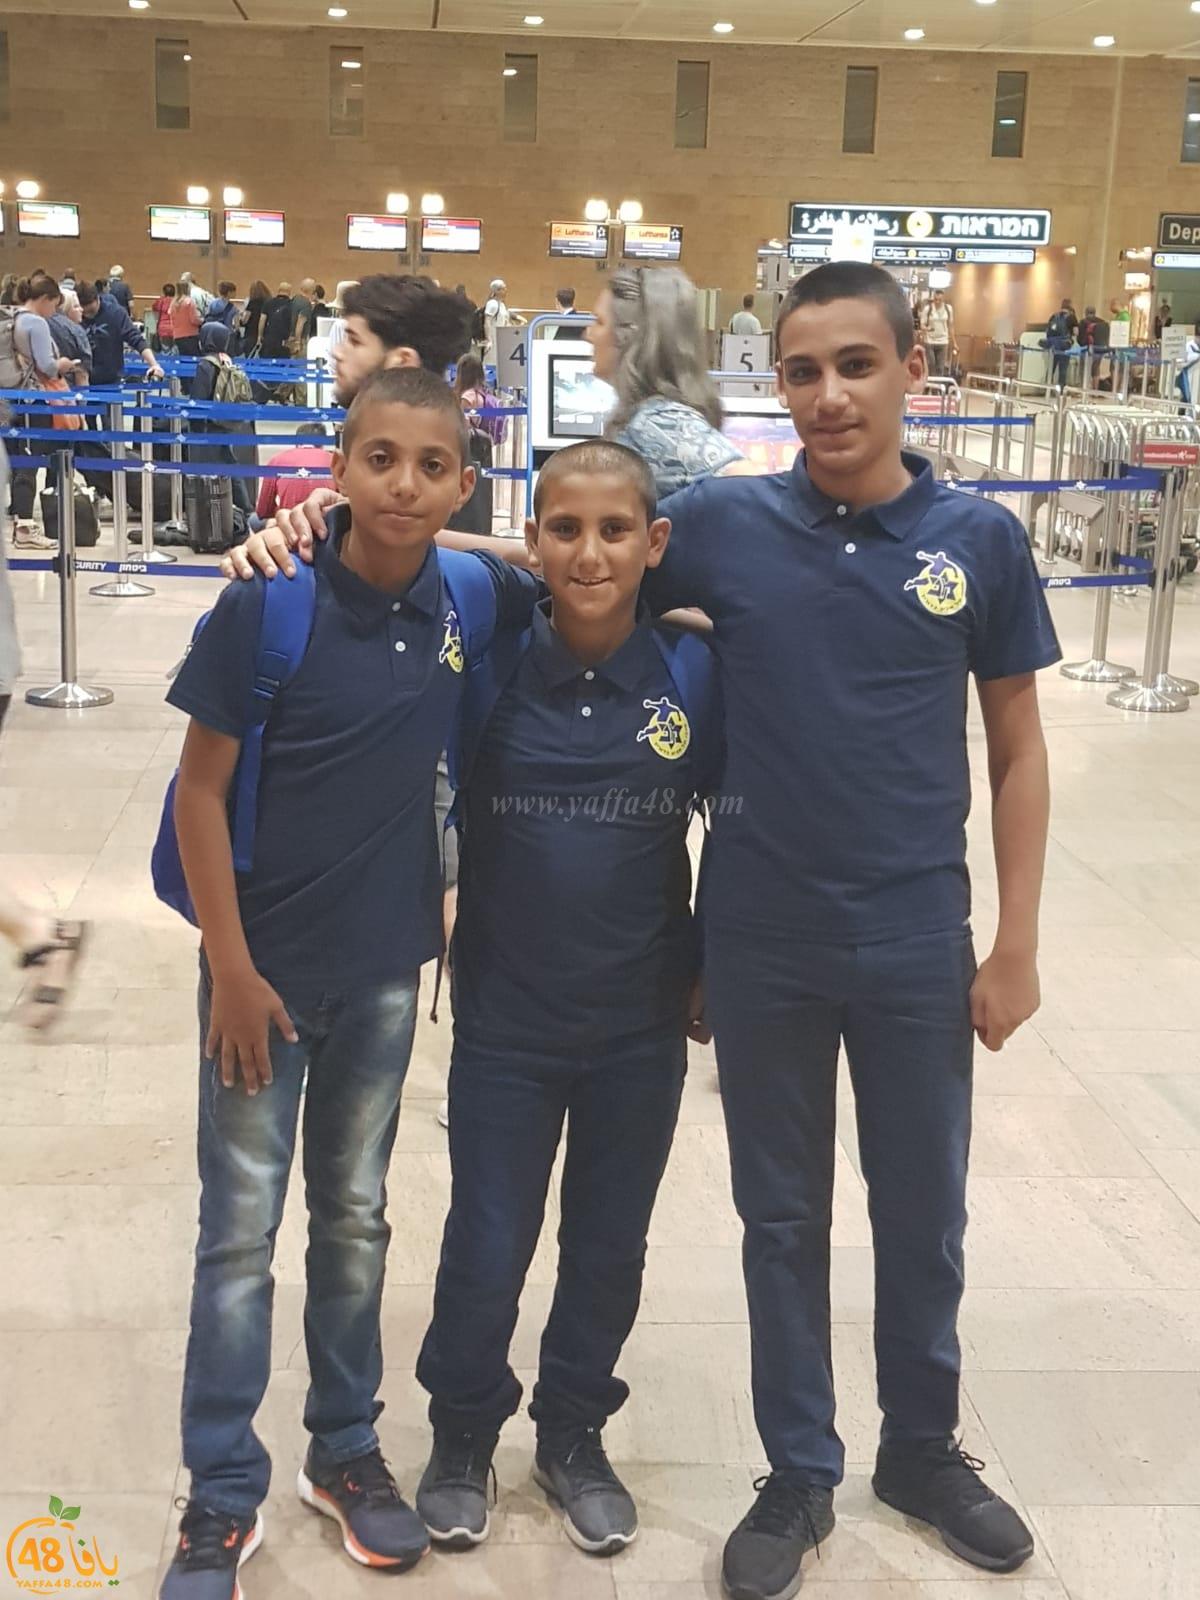 بالصور: لاعبو كرة اليد بمدرسة حسن عرفة يسافرون لأوروبا للمشاركة في بطولة دولية